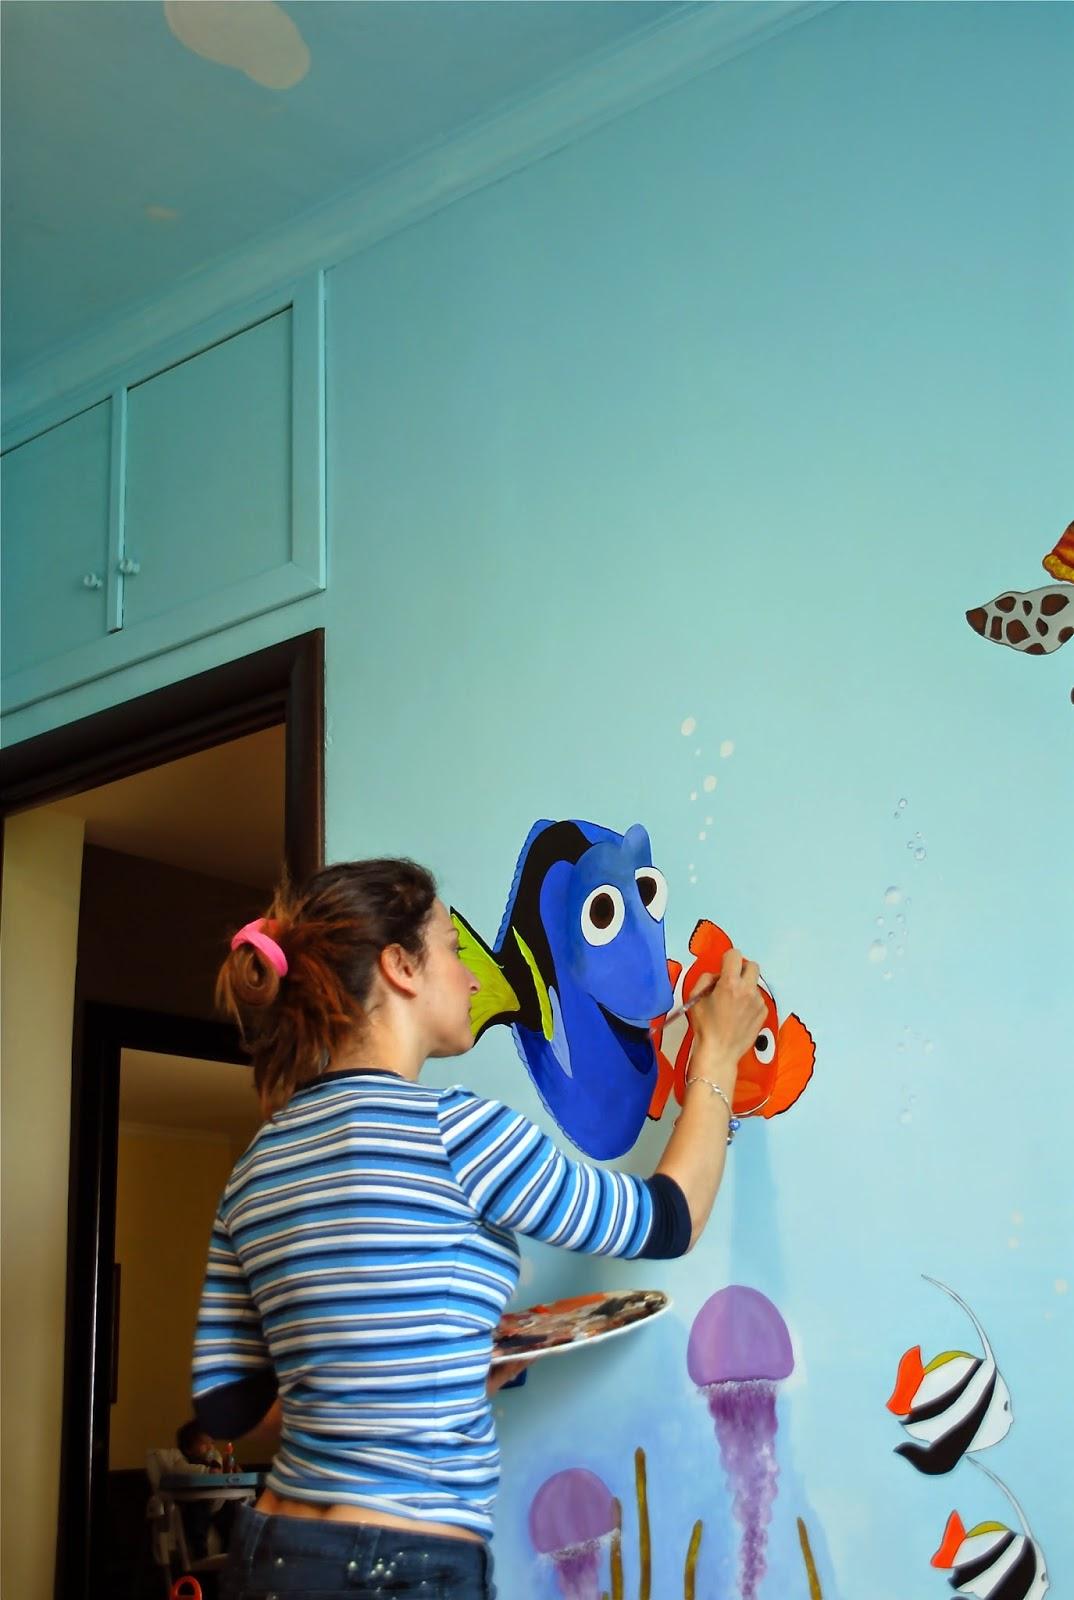 Francesca decorazioni decorazione cameretta da nemo a spiderman e supereroi - Decorazioni muri camerette bambini ...